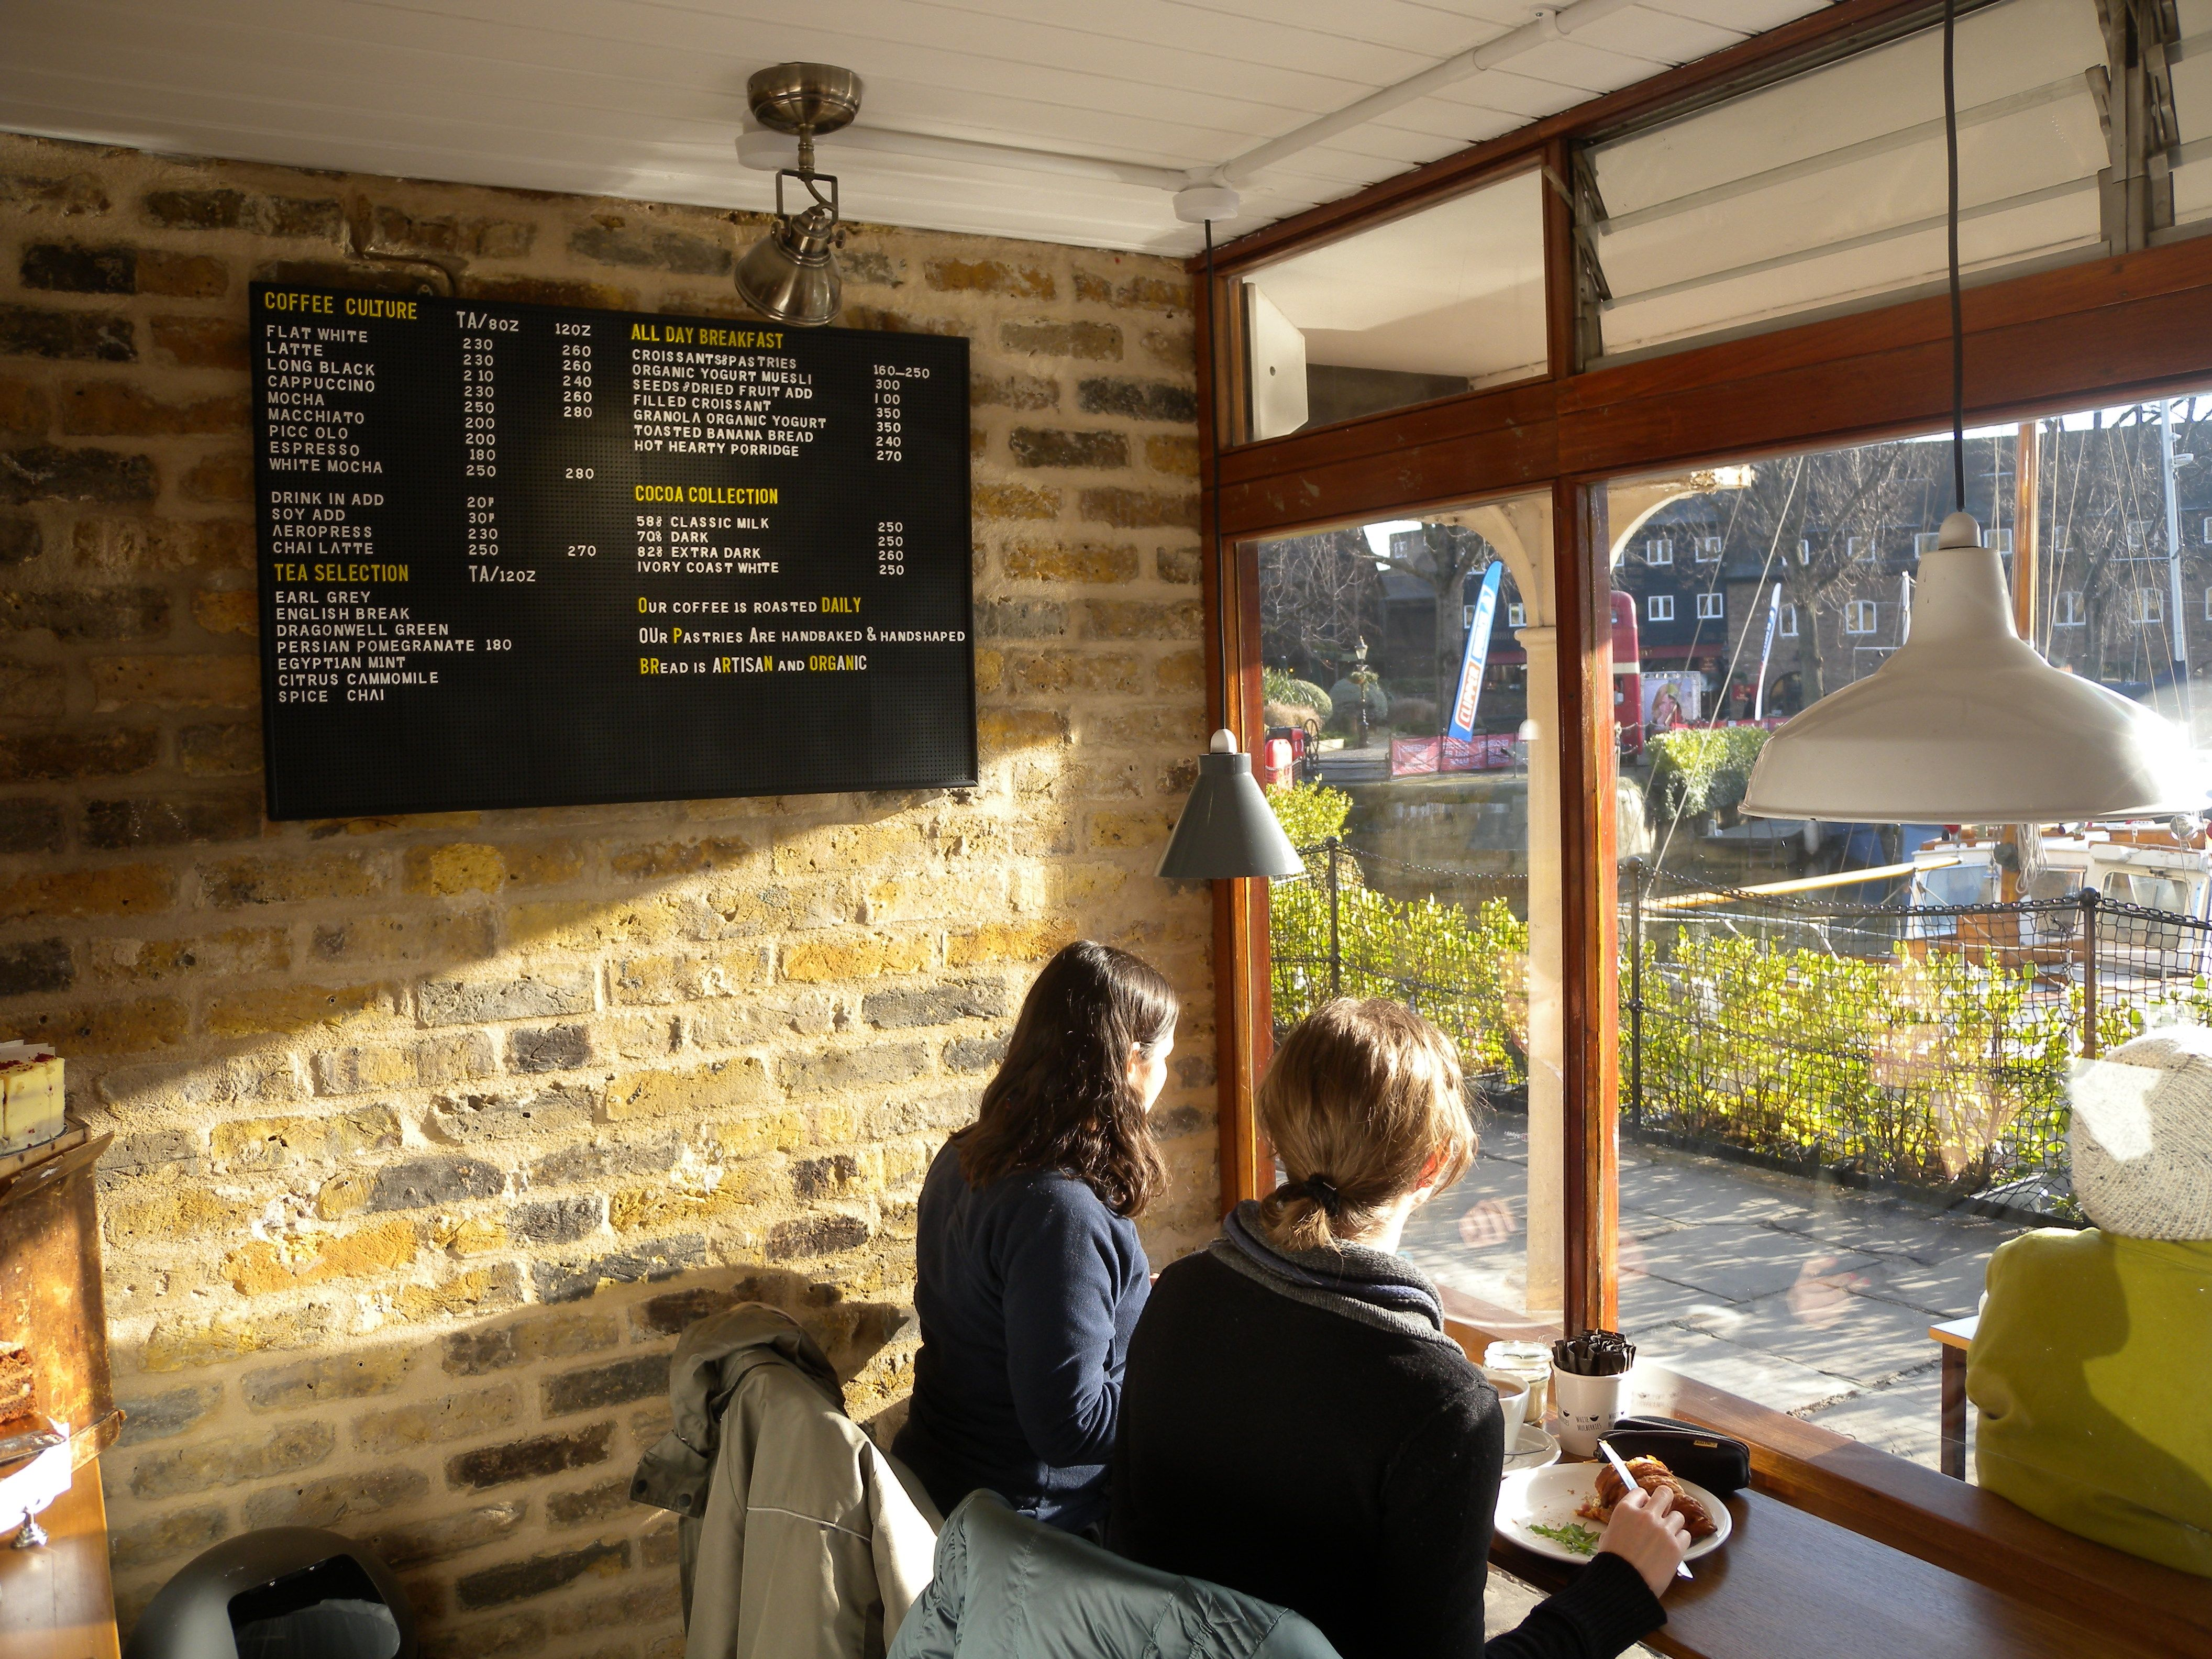 coffee shop interiors | Interior: Fascinating Coffee Shop ...